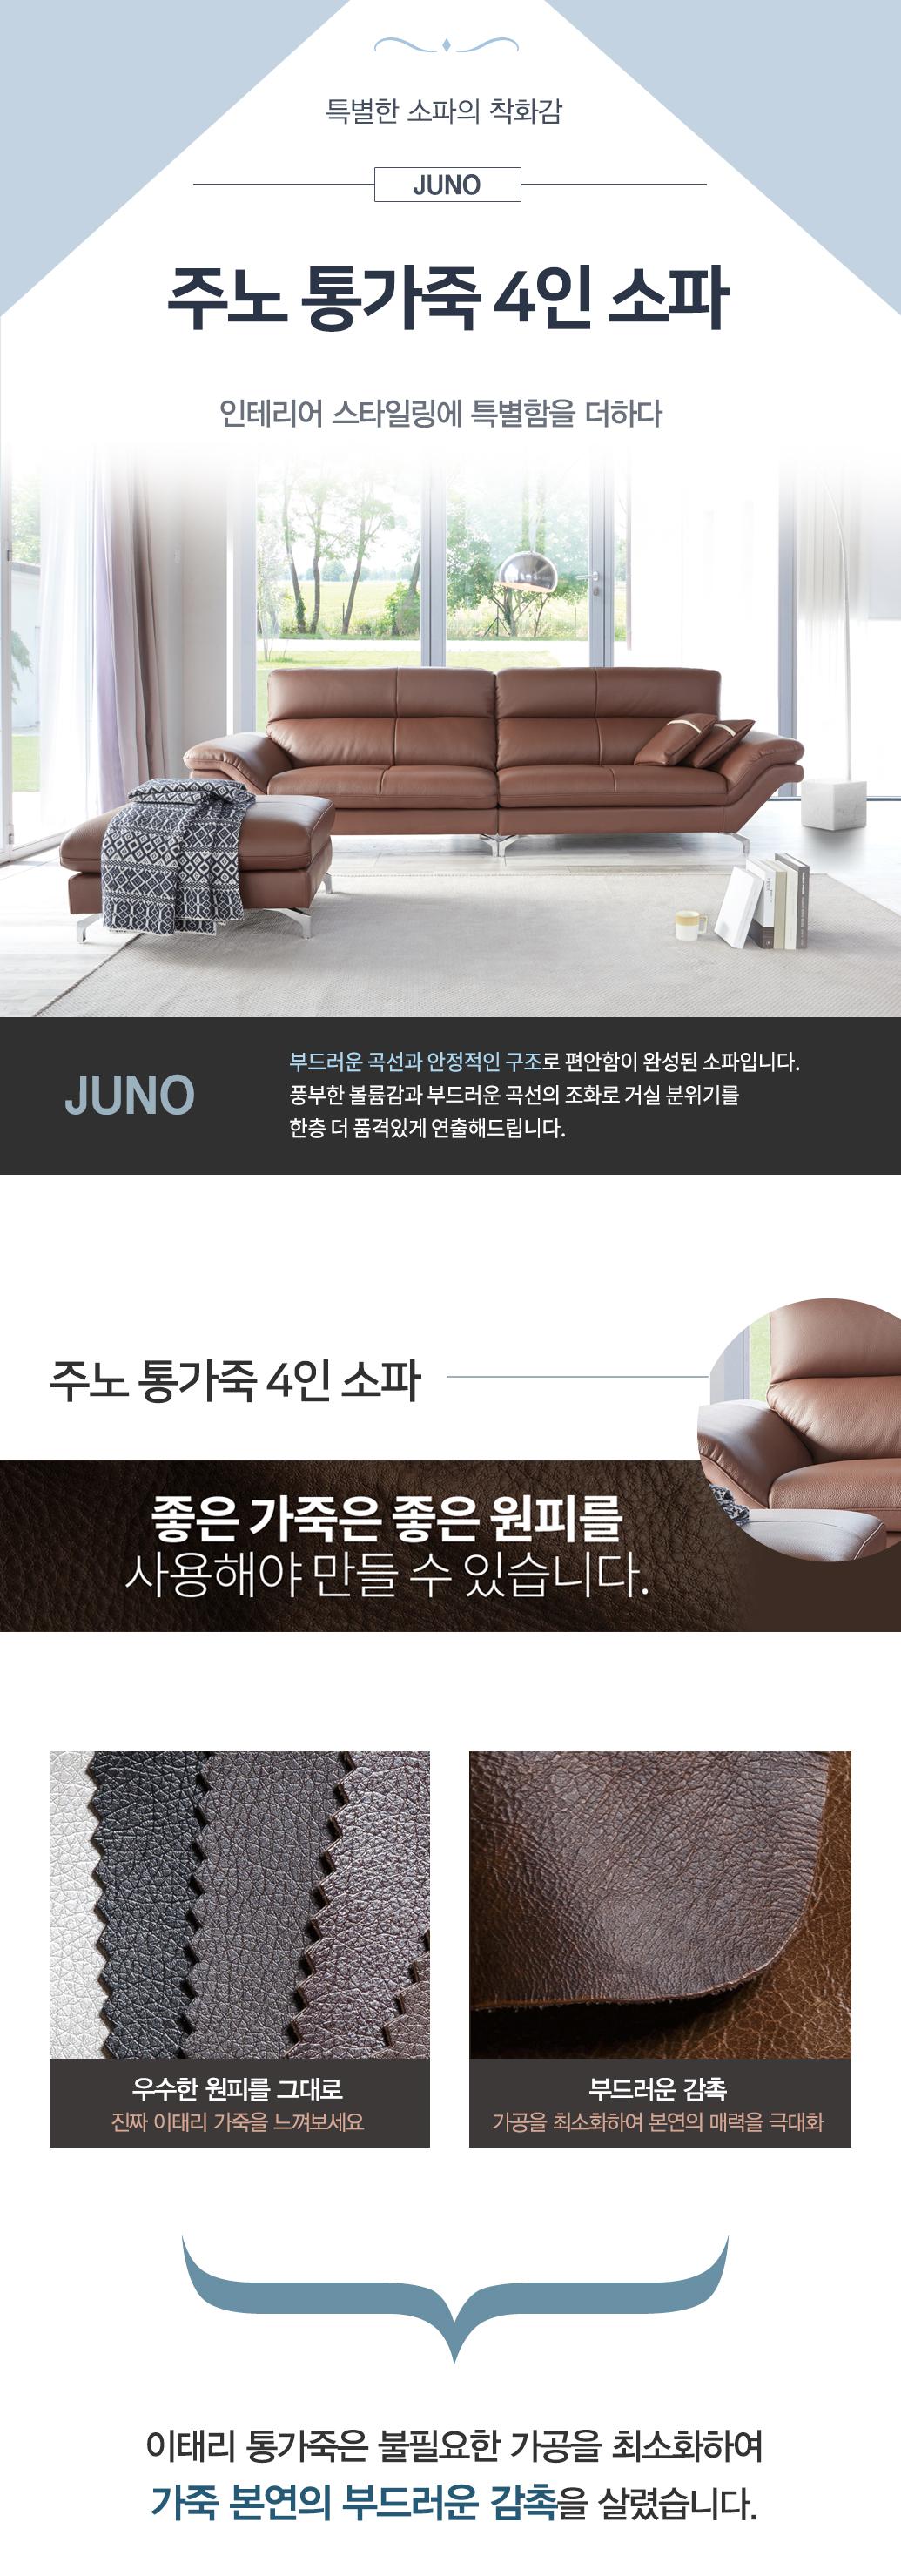 JUNO_01.jpg